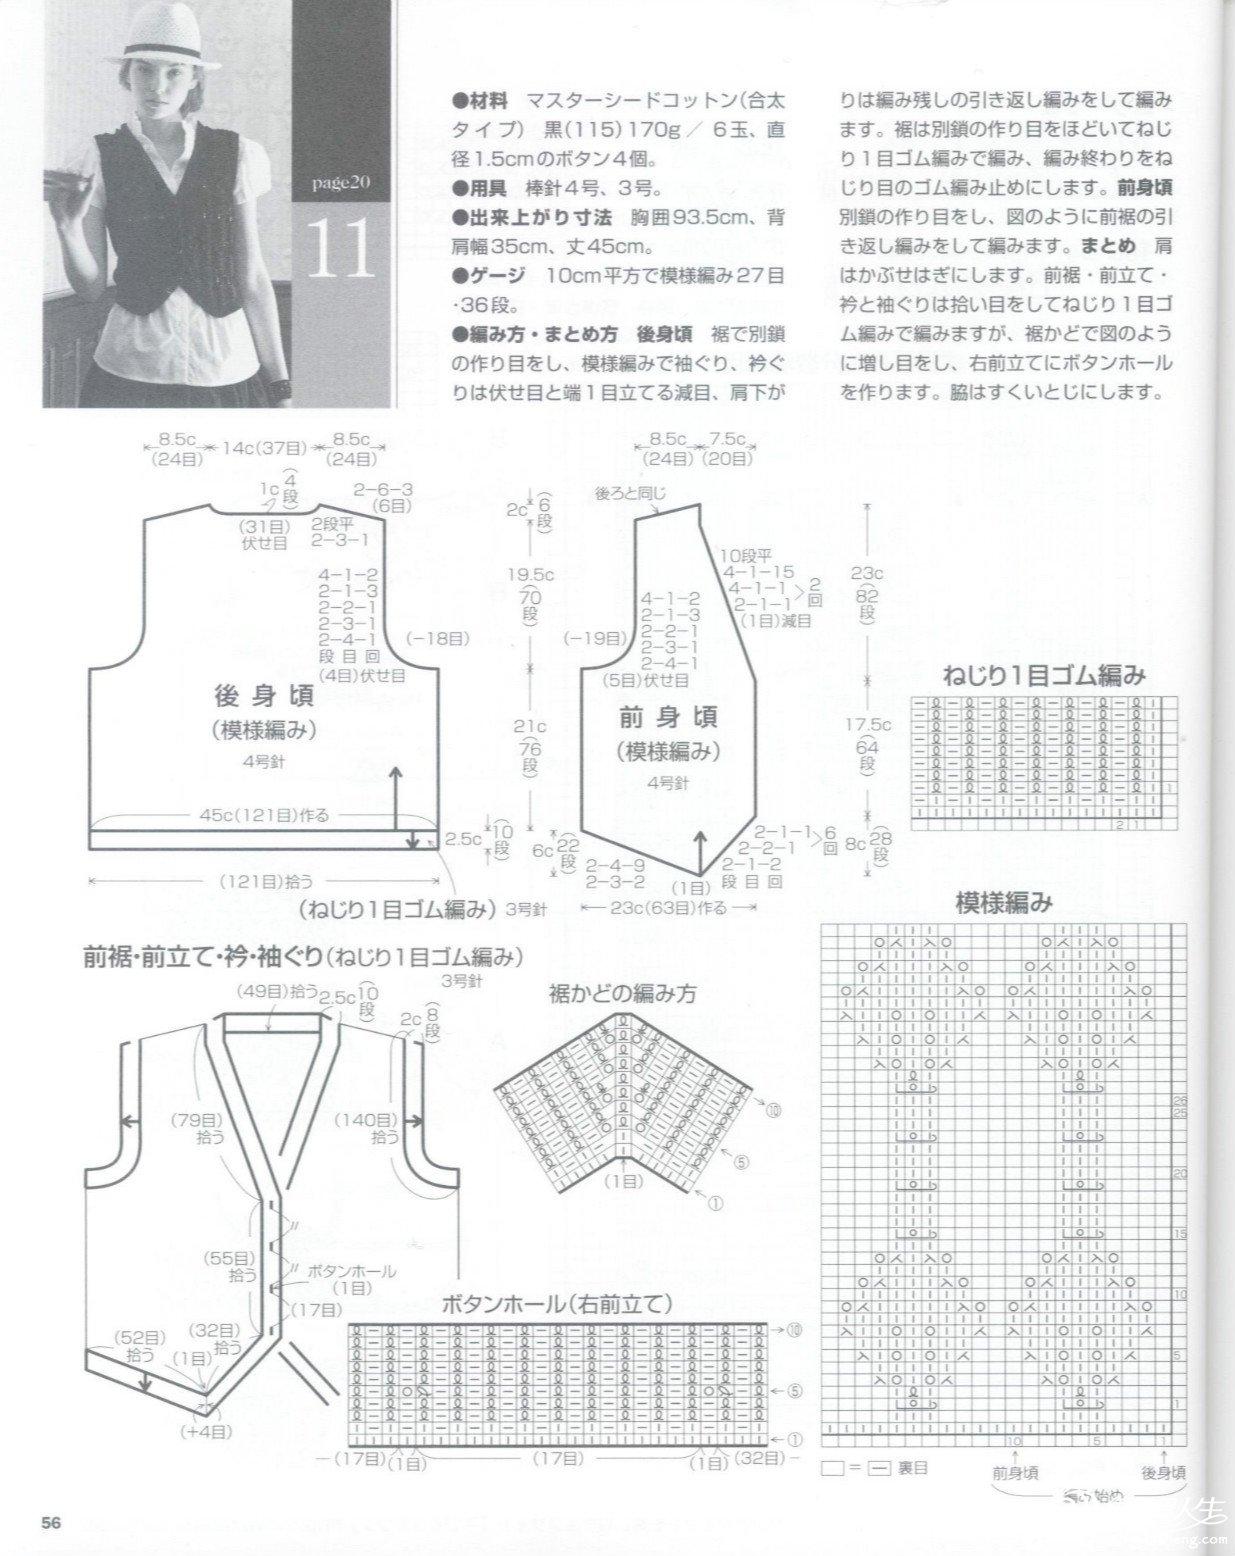 image34_meitu_2.jpg